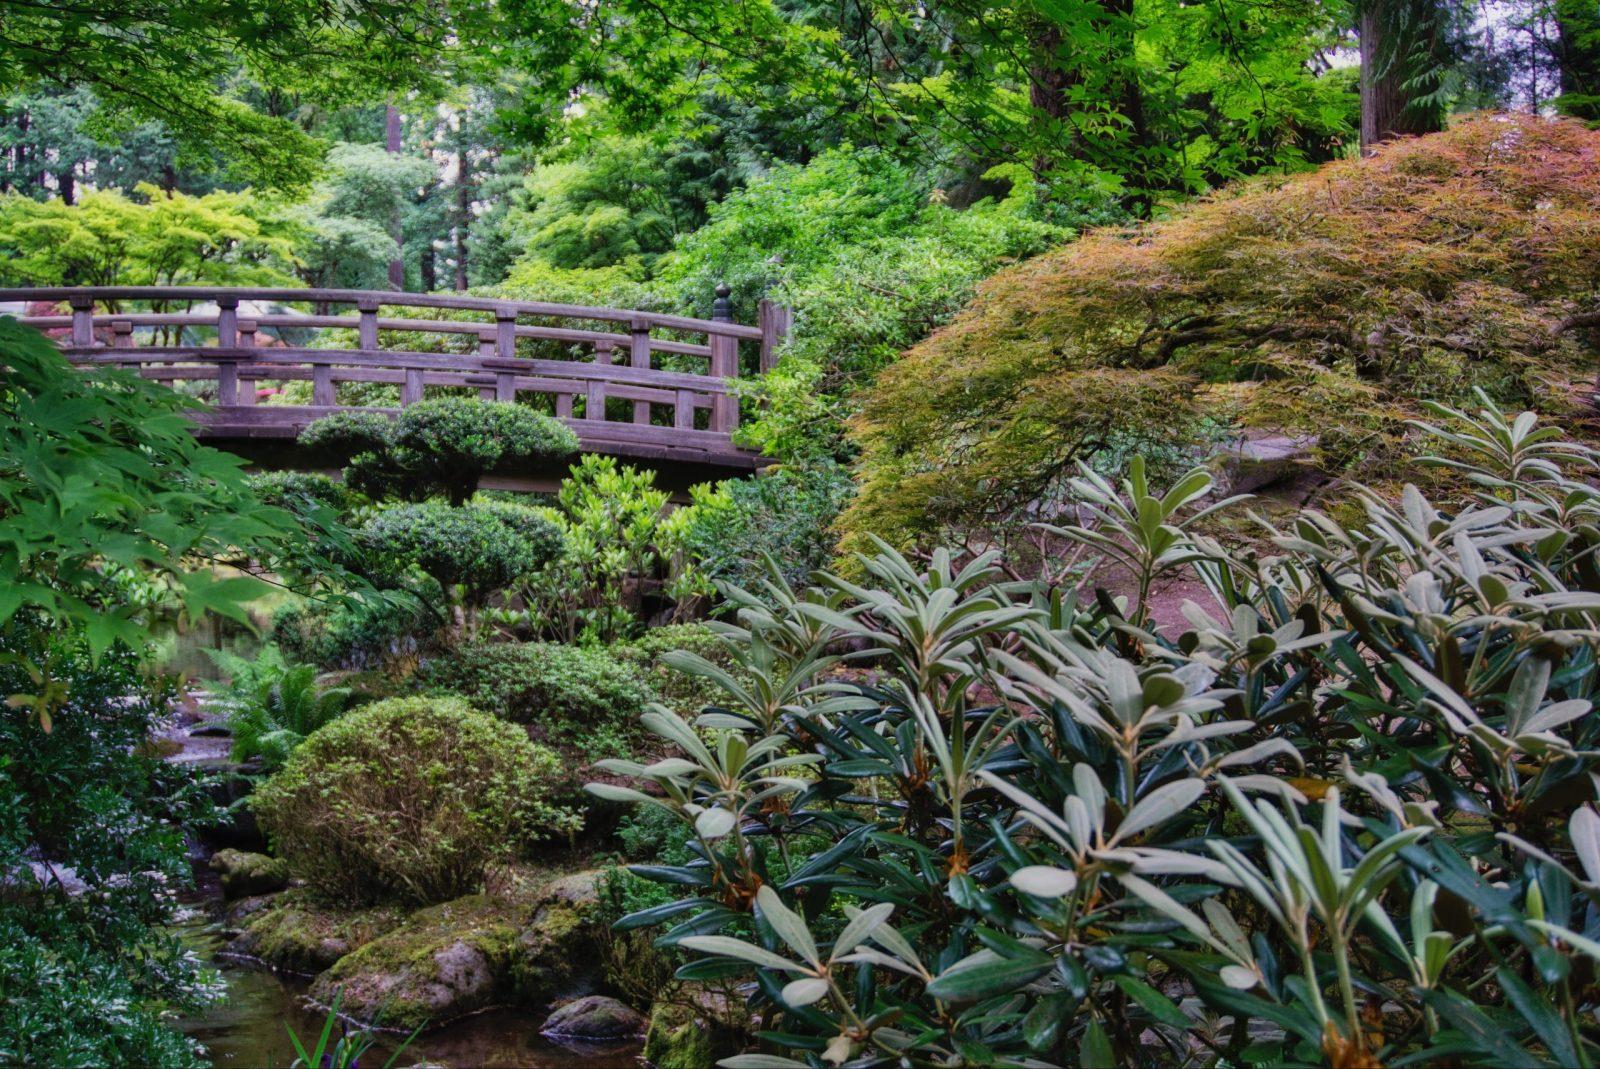 Footbridge in Japanese garden